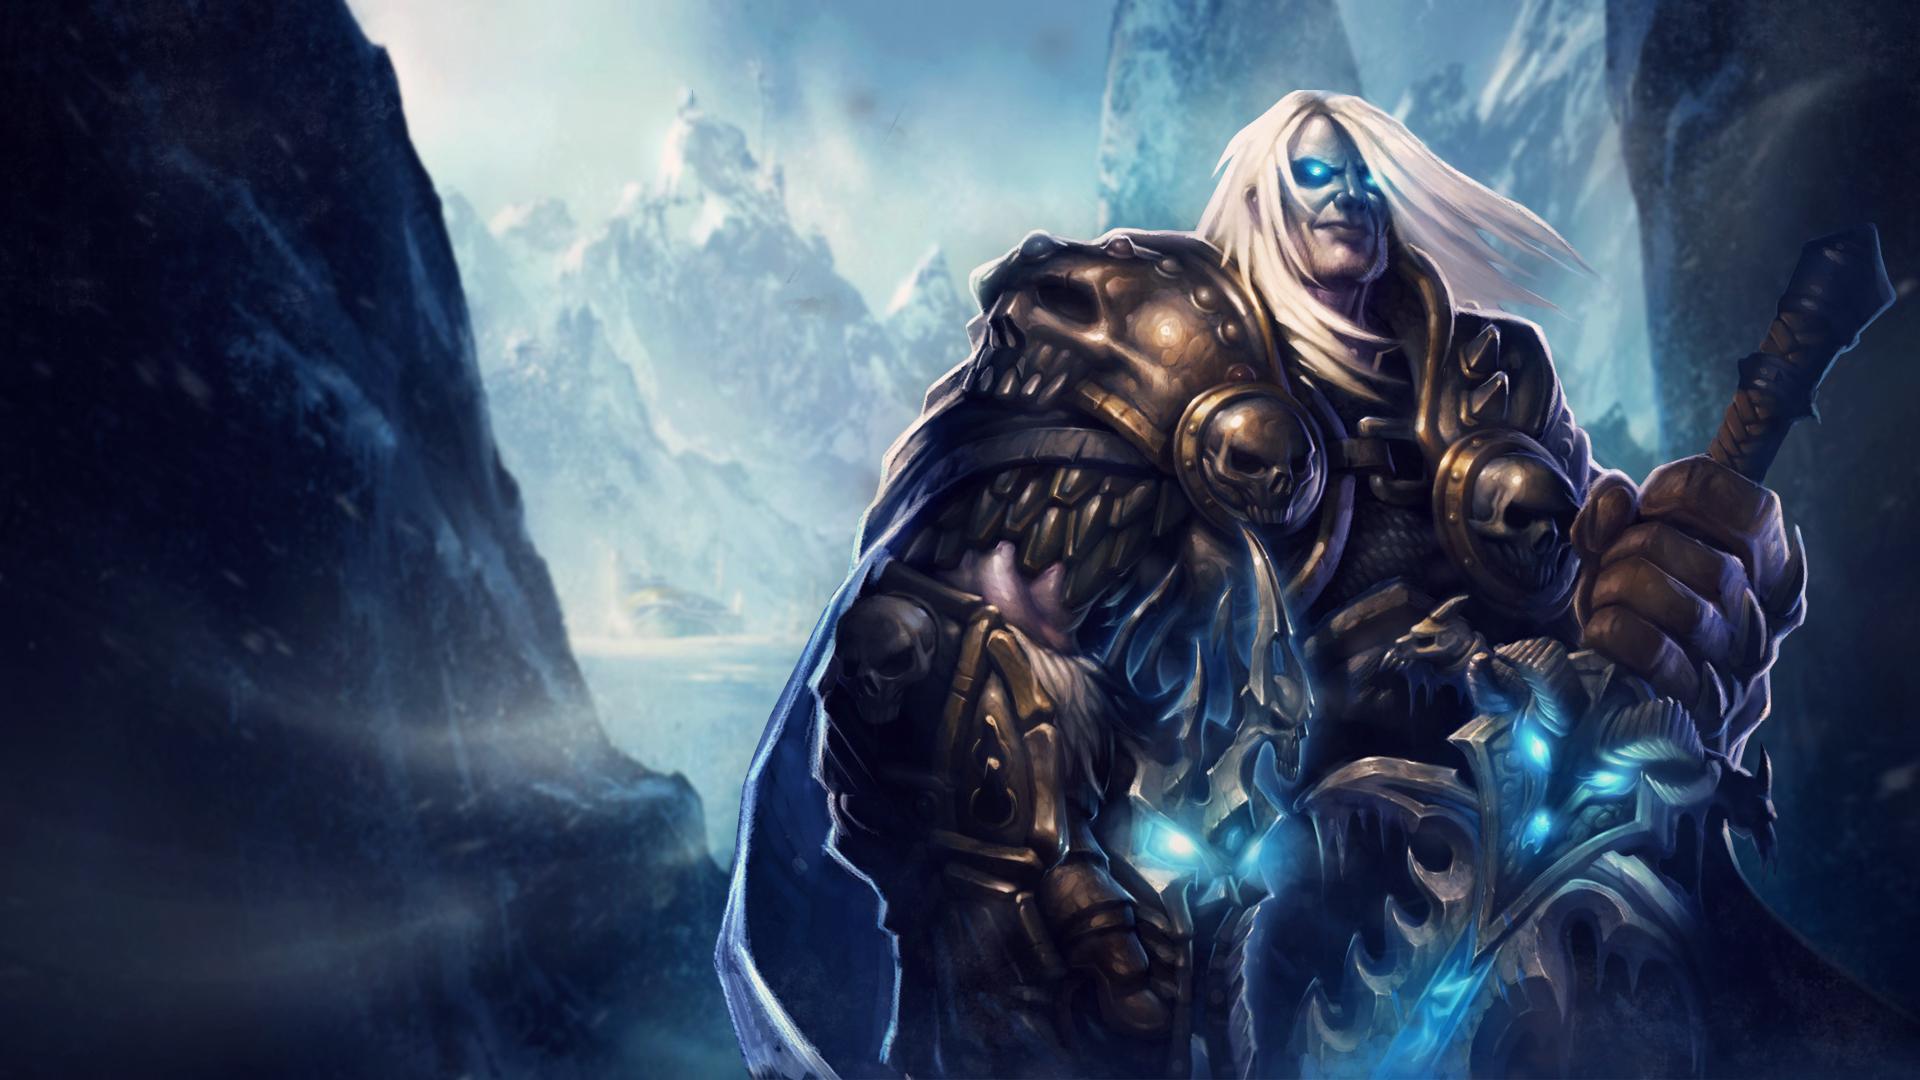 World Of Warcraft Arthas Wallpaper By Trinexz On Deviantart